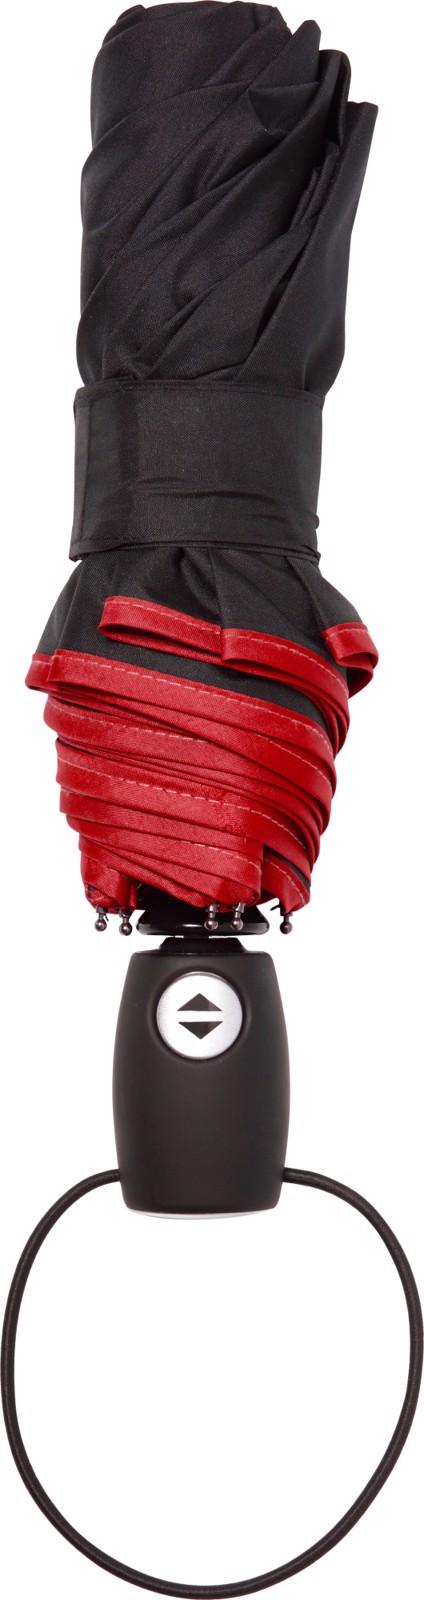 Pongee (190T) umbrella - Red